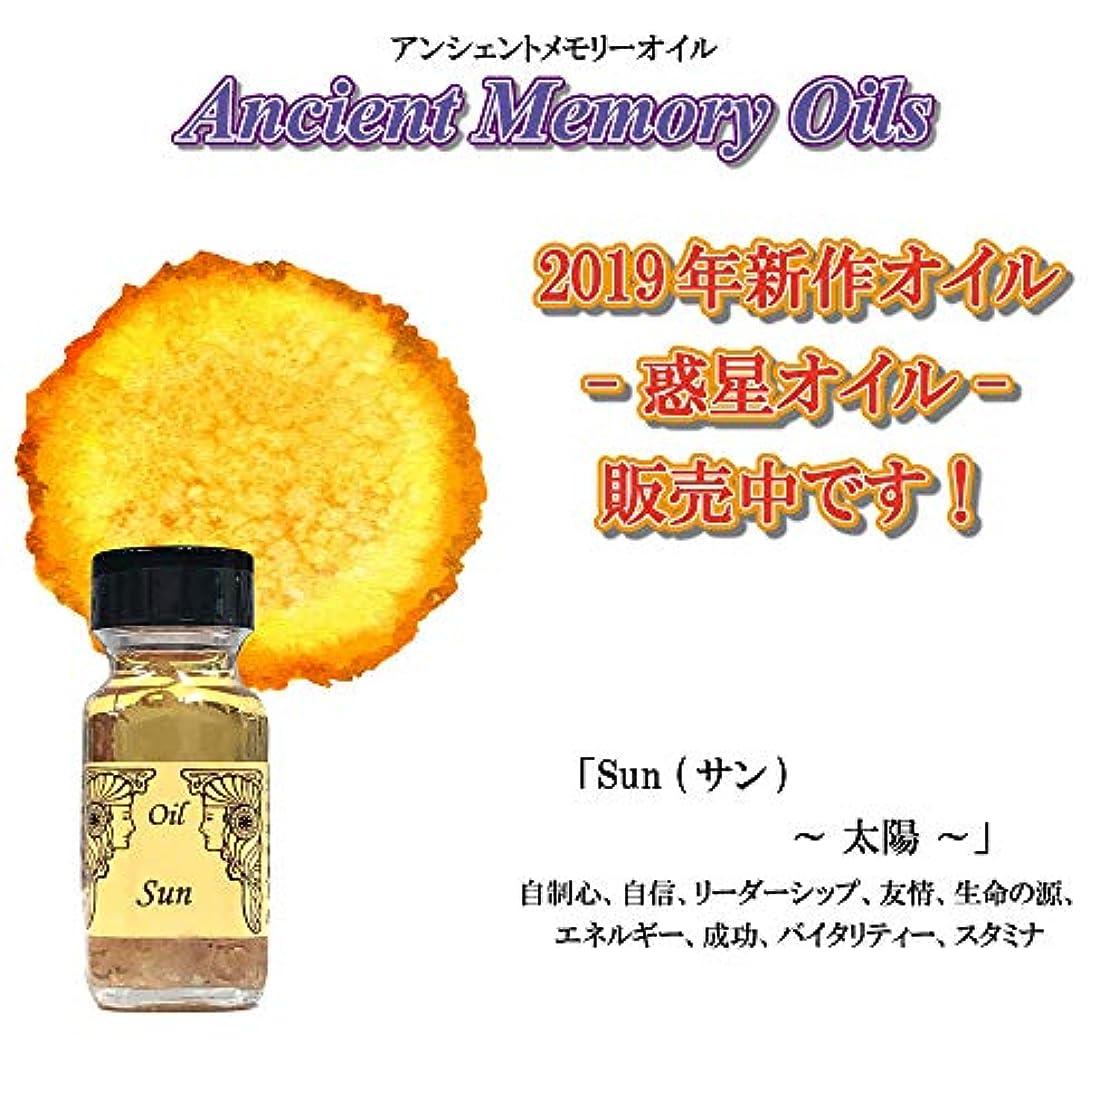 むちゃくちゃ影響力のある本気SEDONA Ancient Memory Oils セドナ アンシェントメモリーオイル 惑星オイル Sun 太陽 サン 15ml